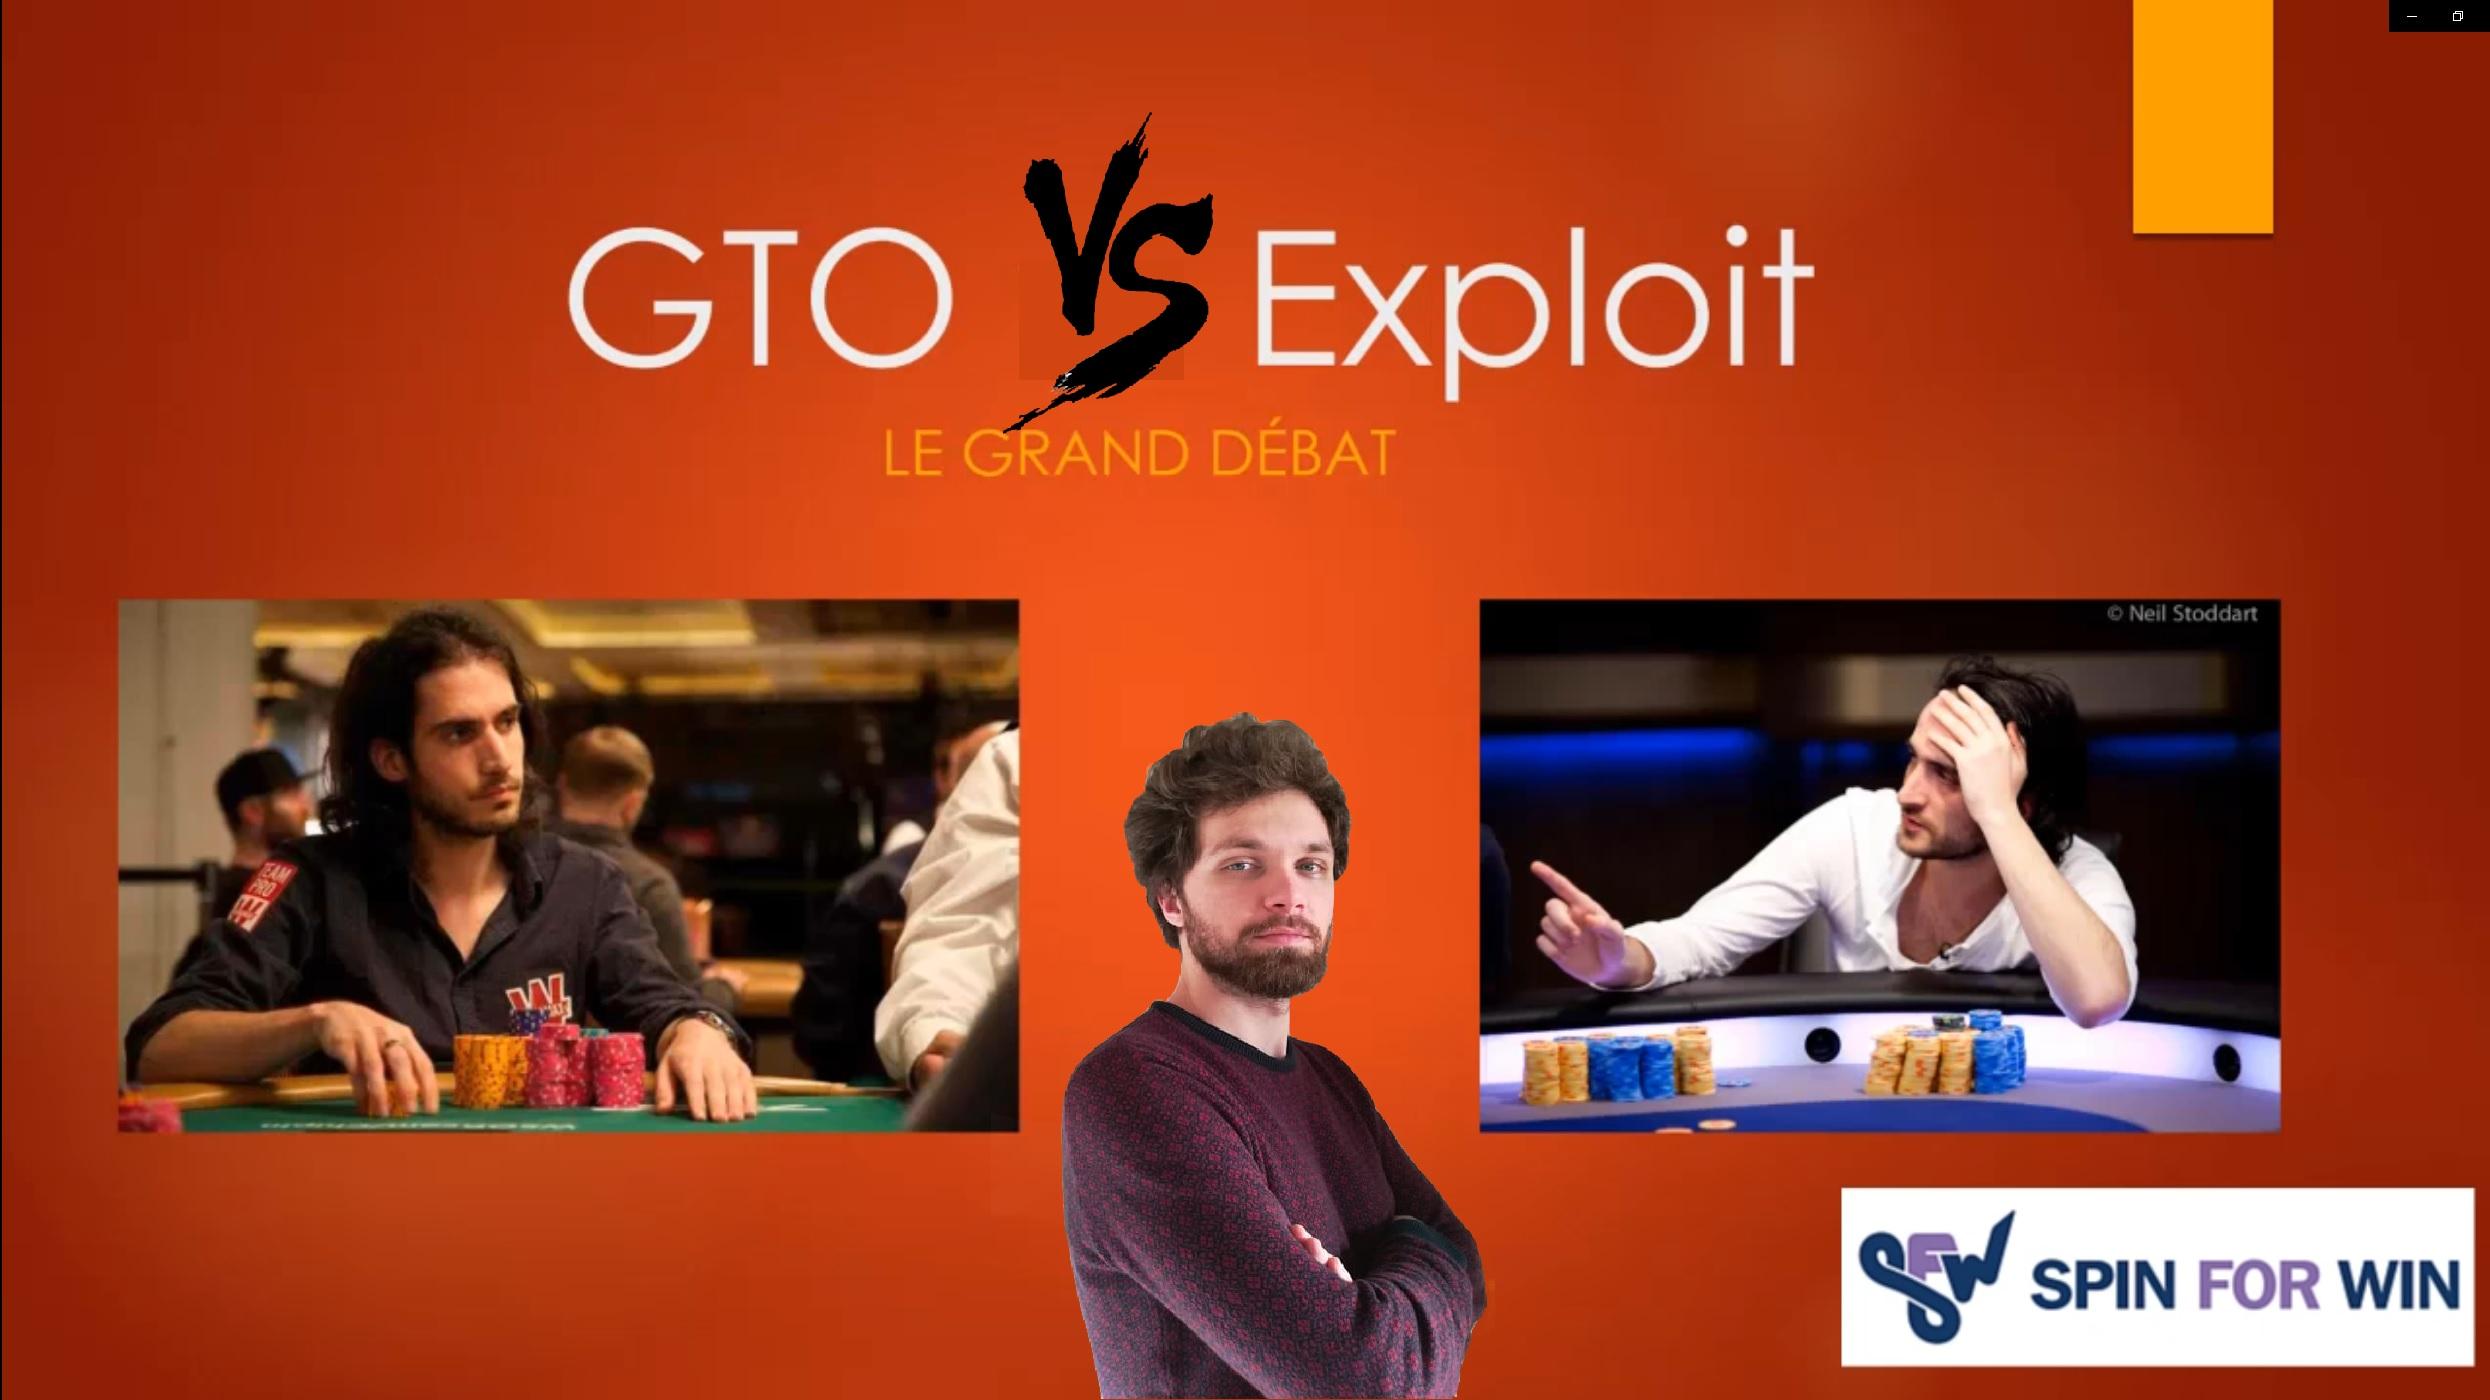 GTO VS Exploit : Le grand débat